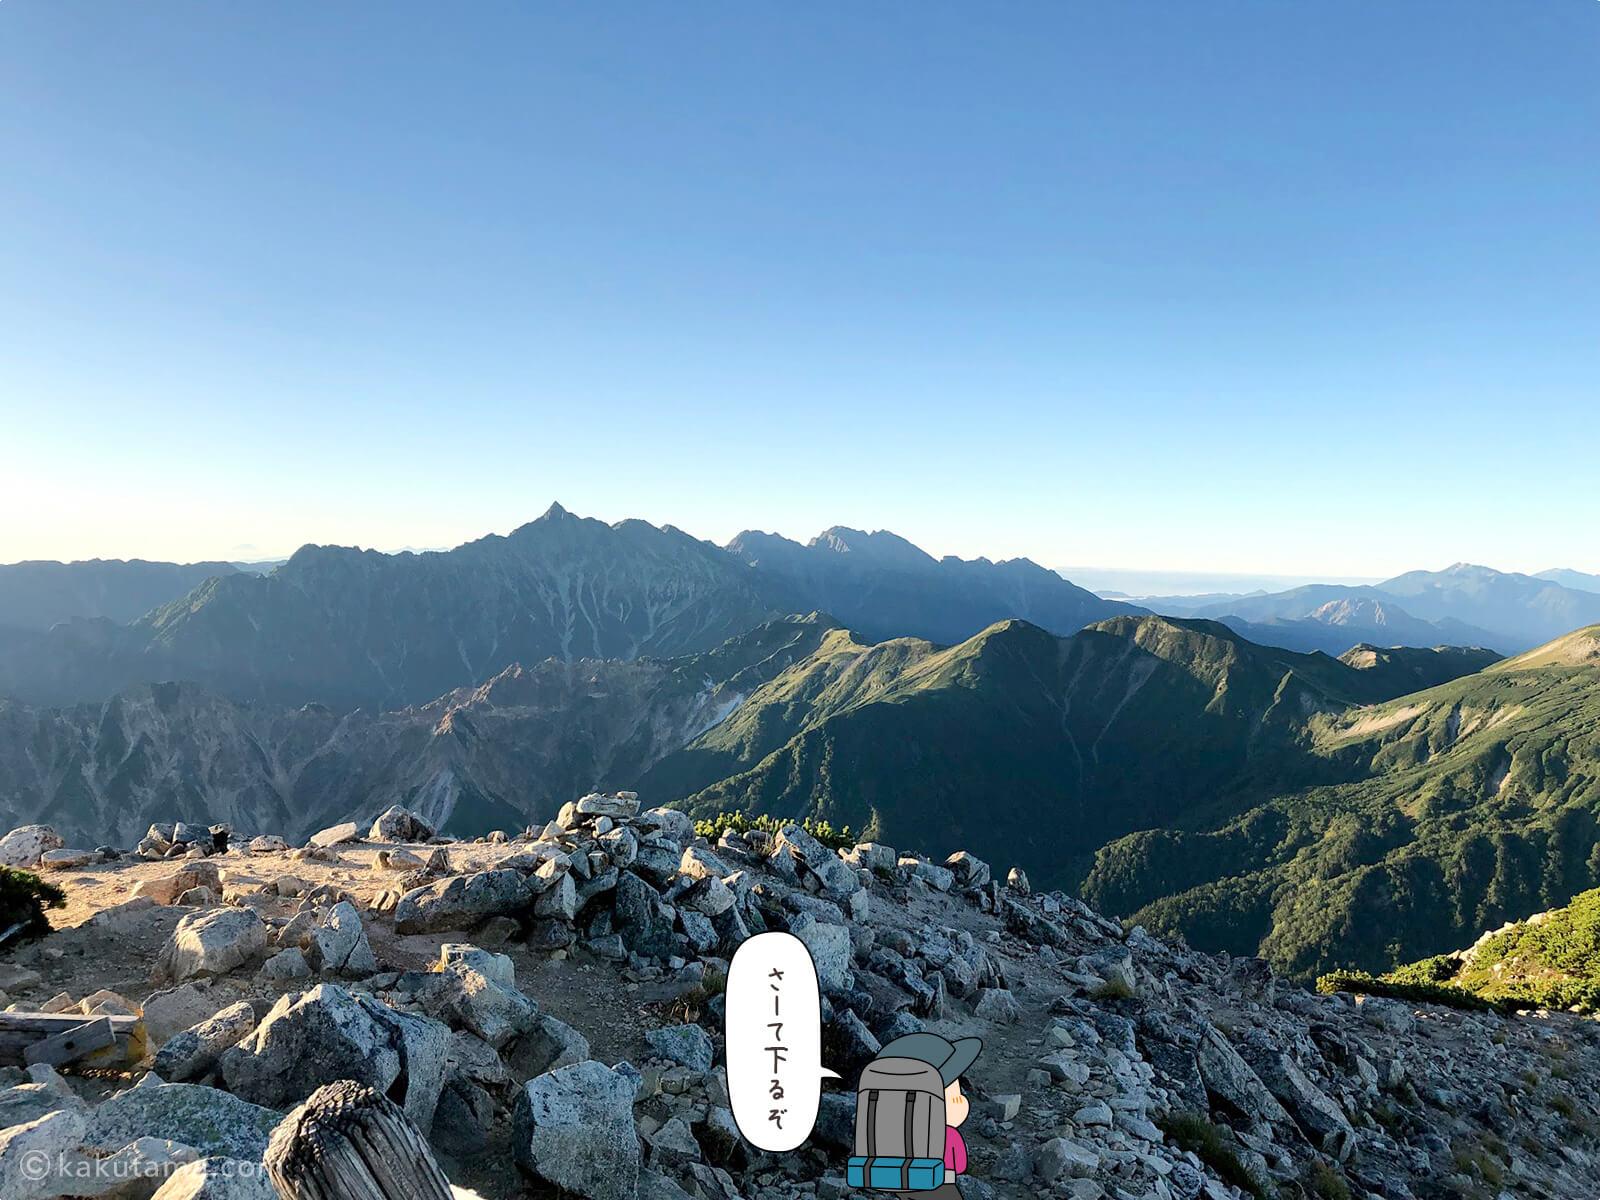 鷲羽岳山頂から見た槍ヶ岳